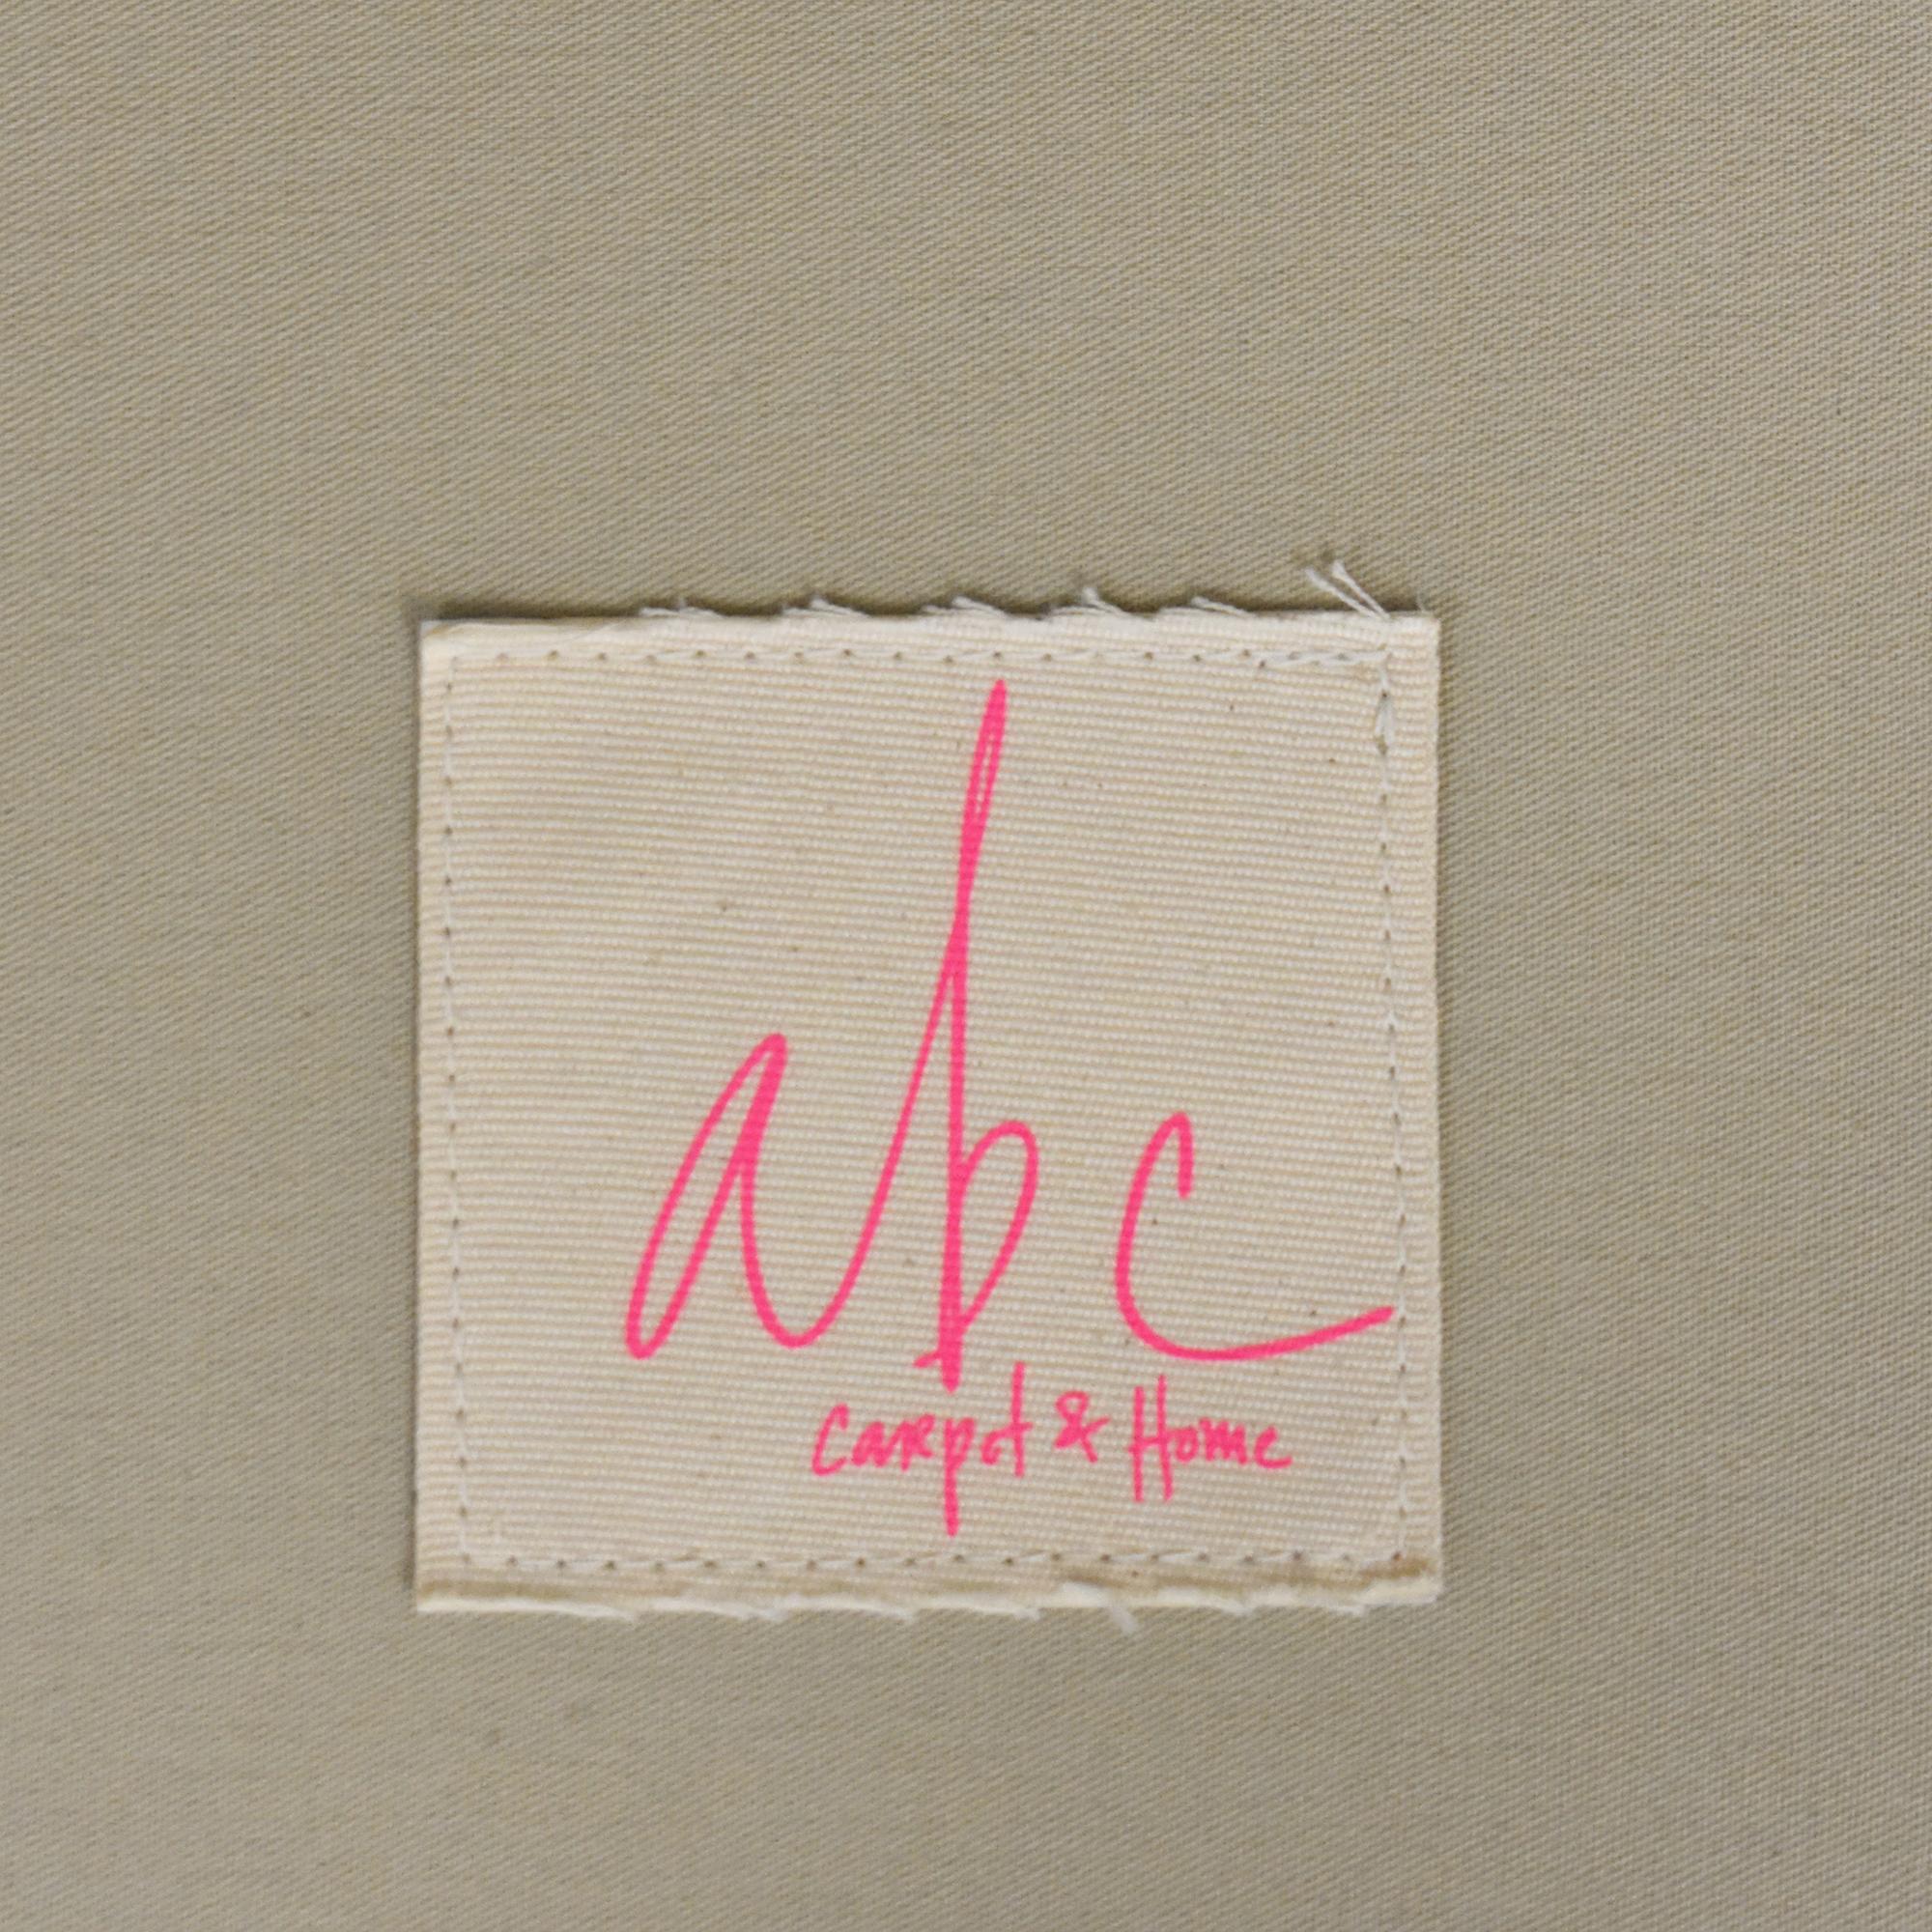 ABC Carpet & Home ABC Carpet & Home Contemporary Sofa for sale